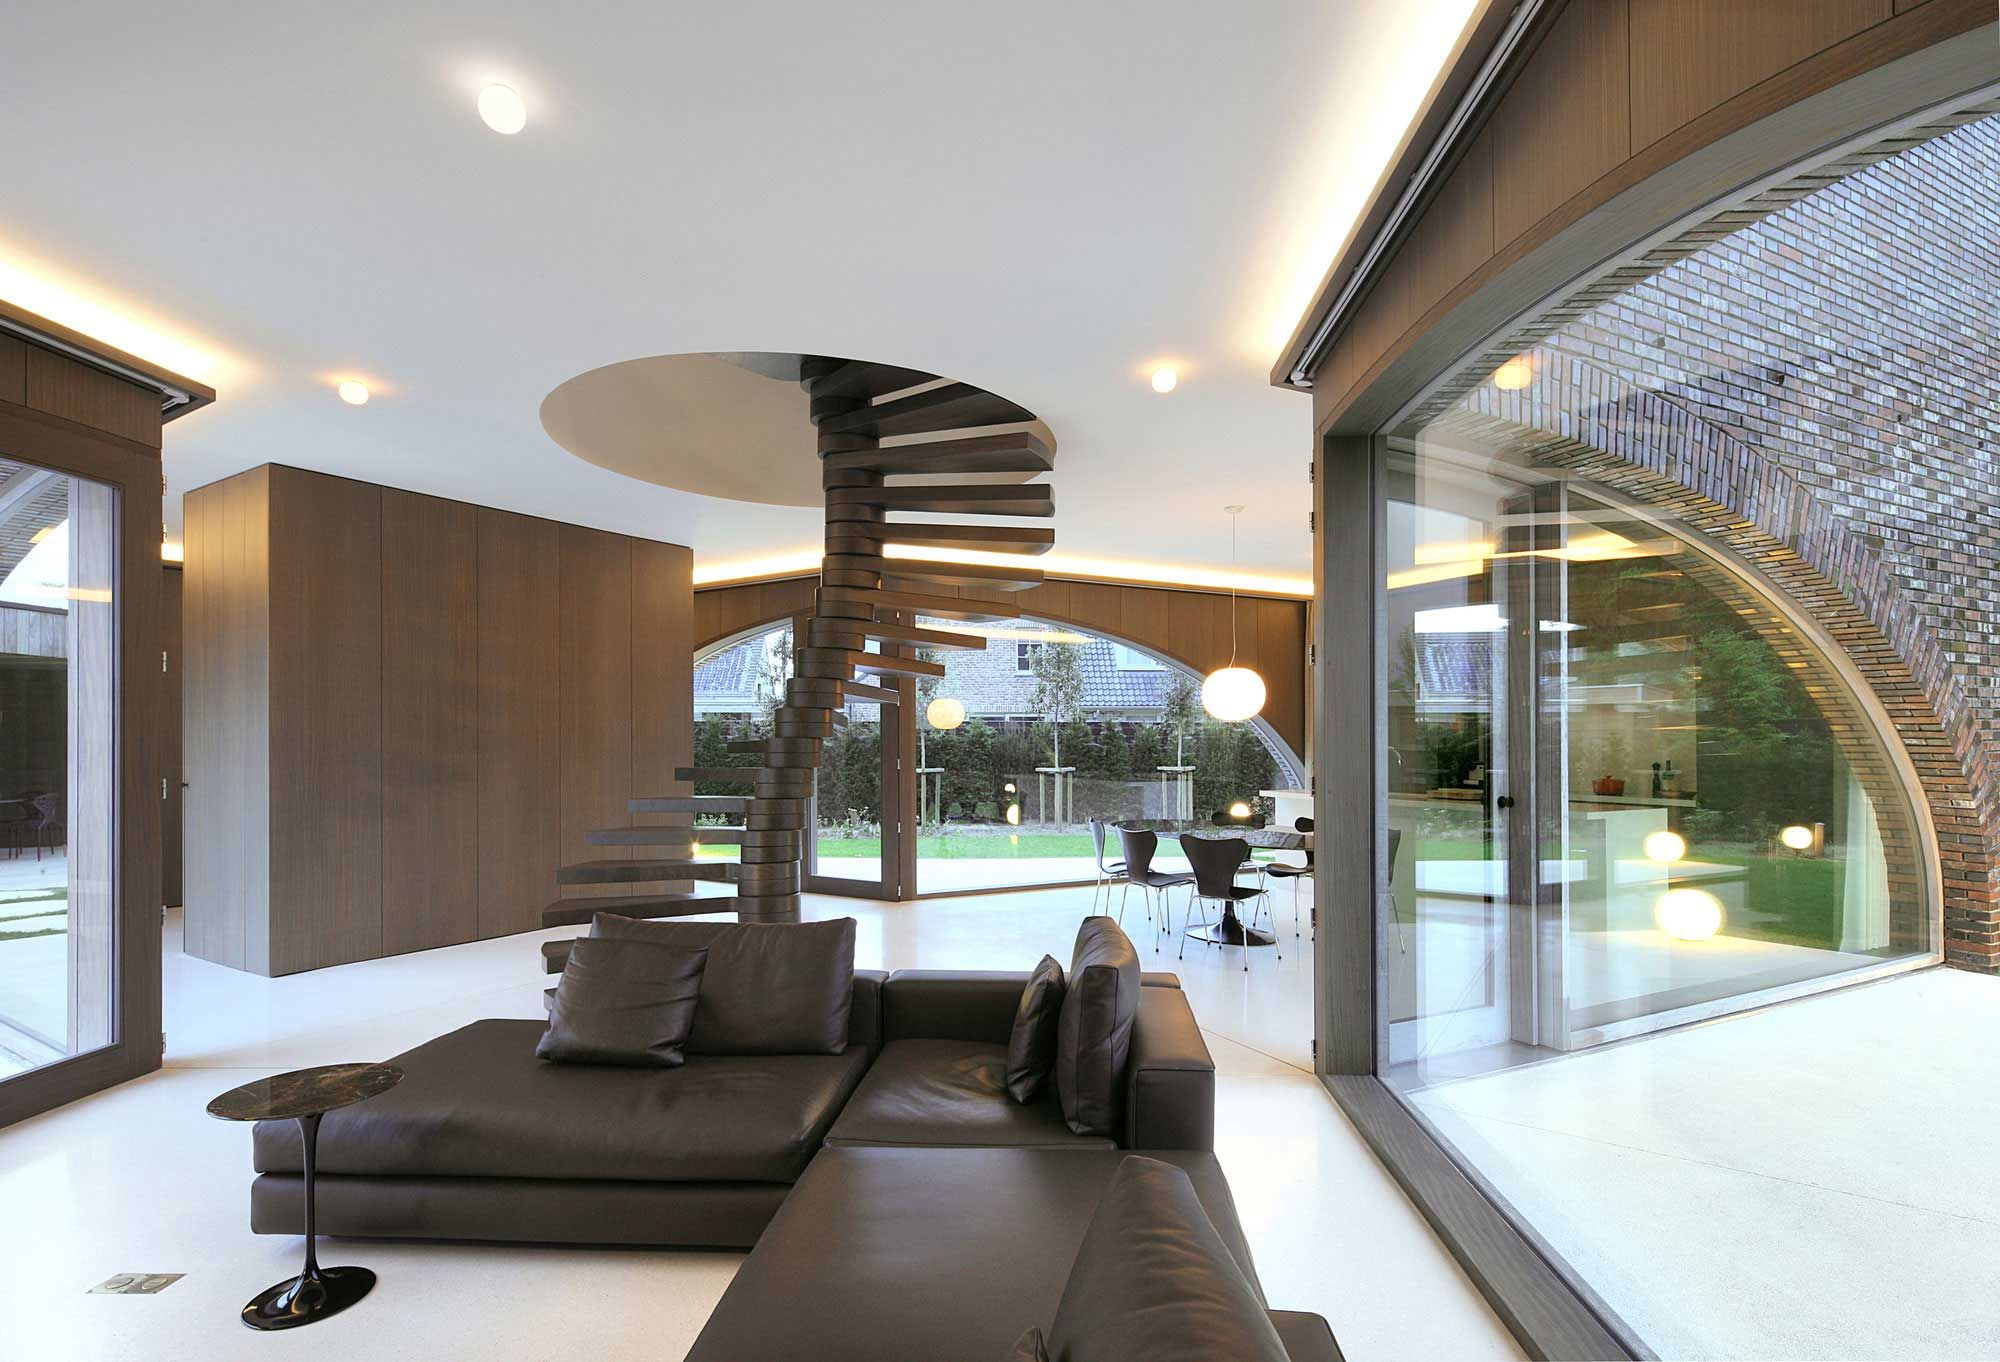 Modern Villa Moerkensheide by Dieter De Vos Architecten | http://www ...